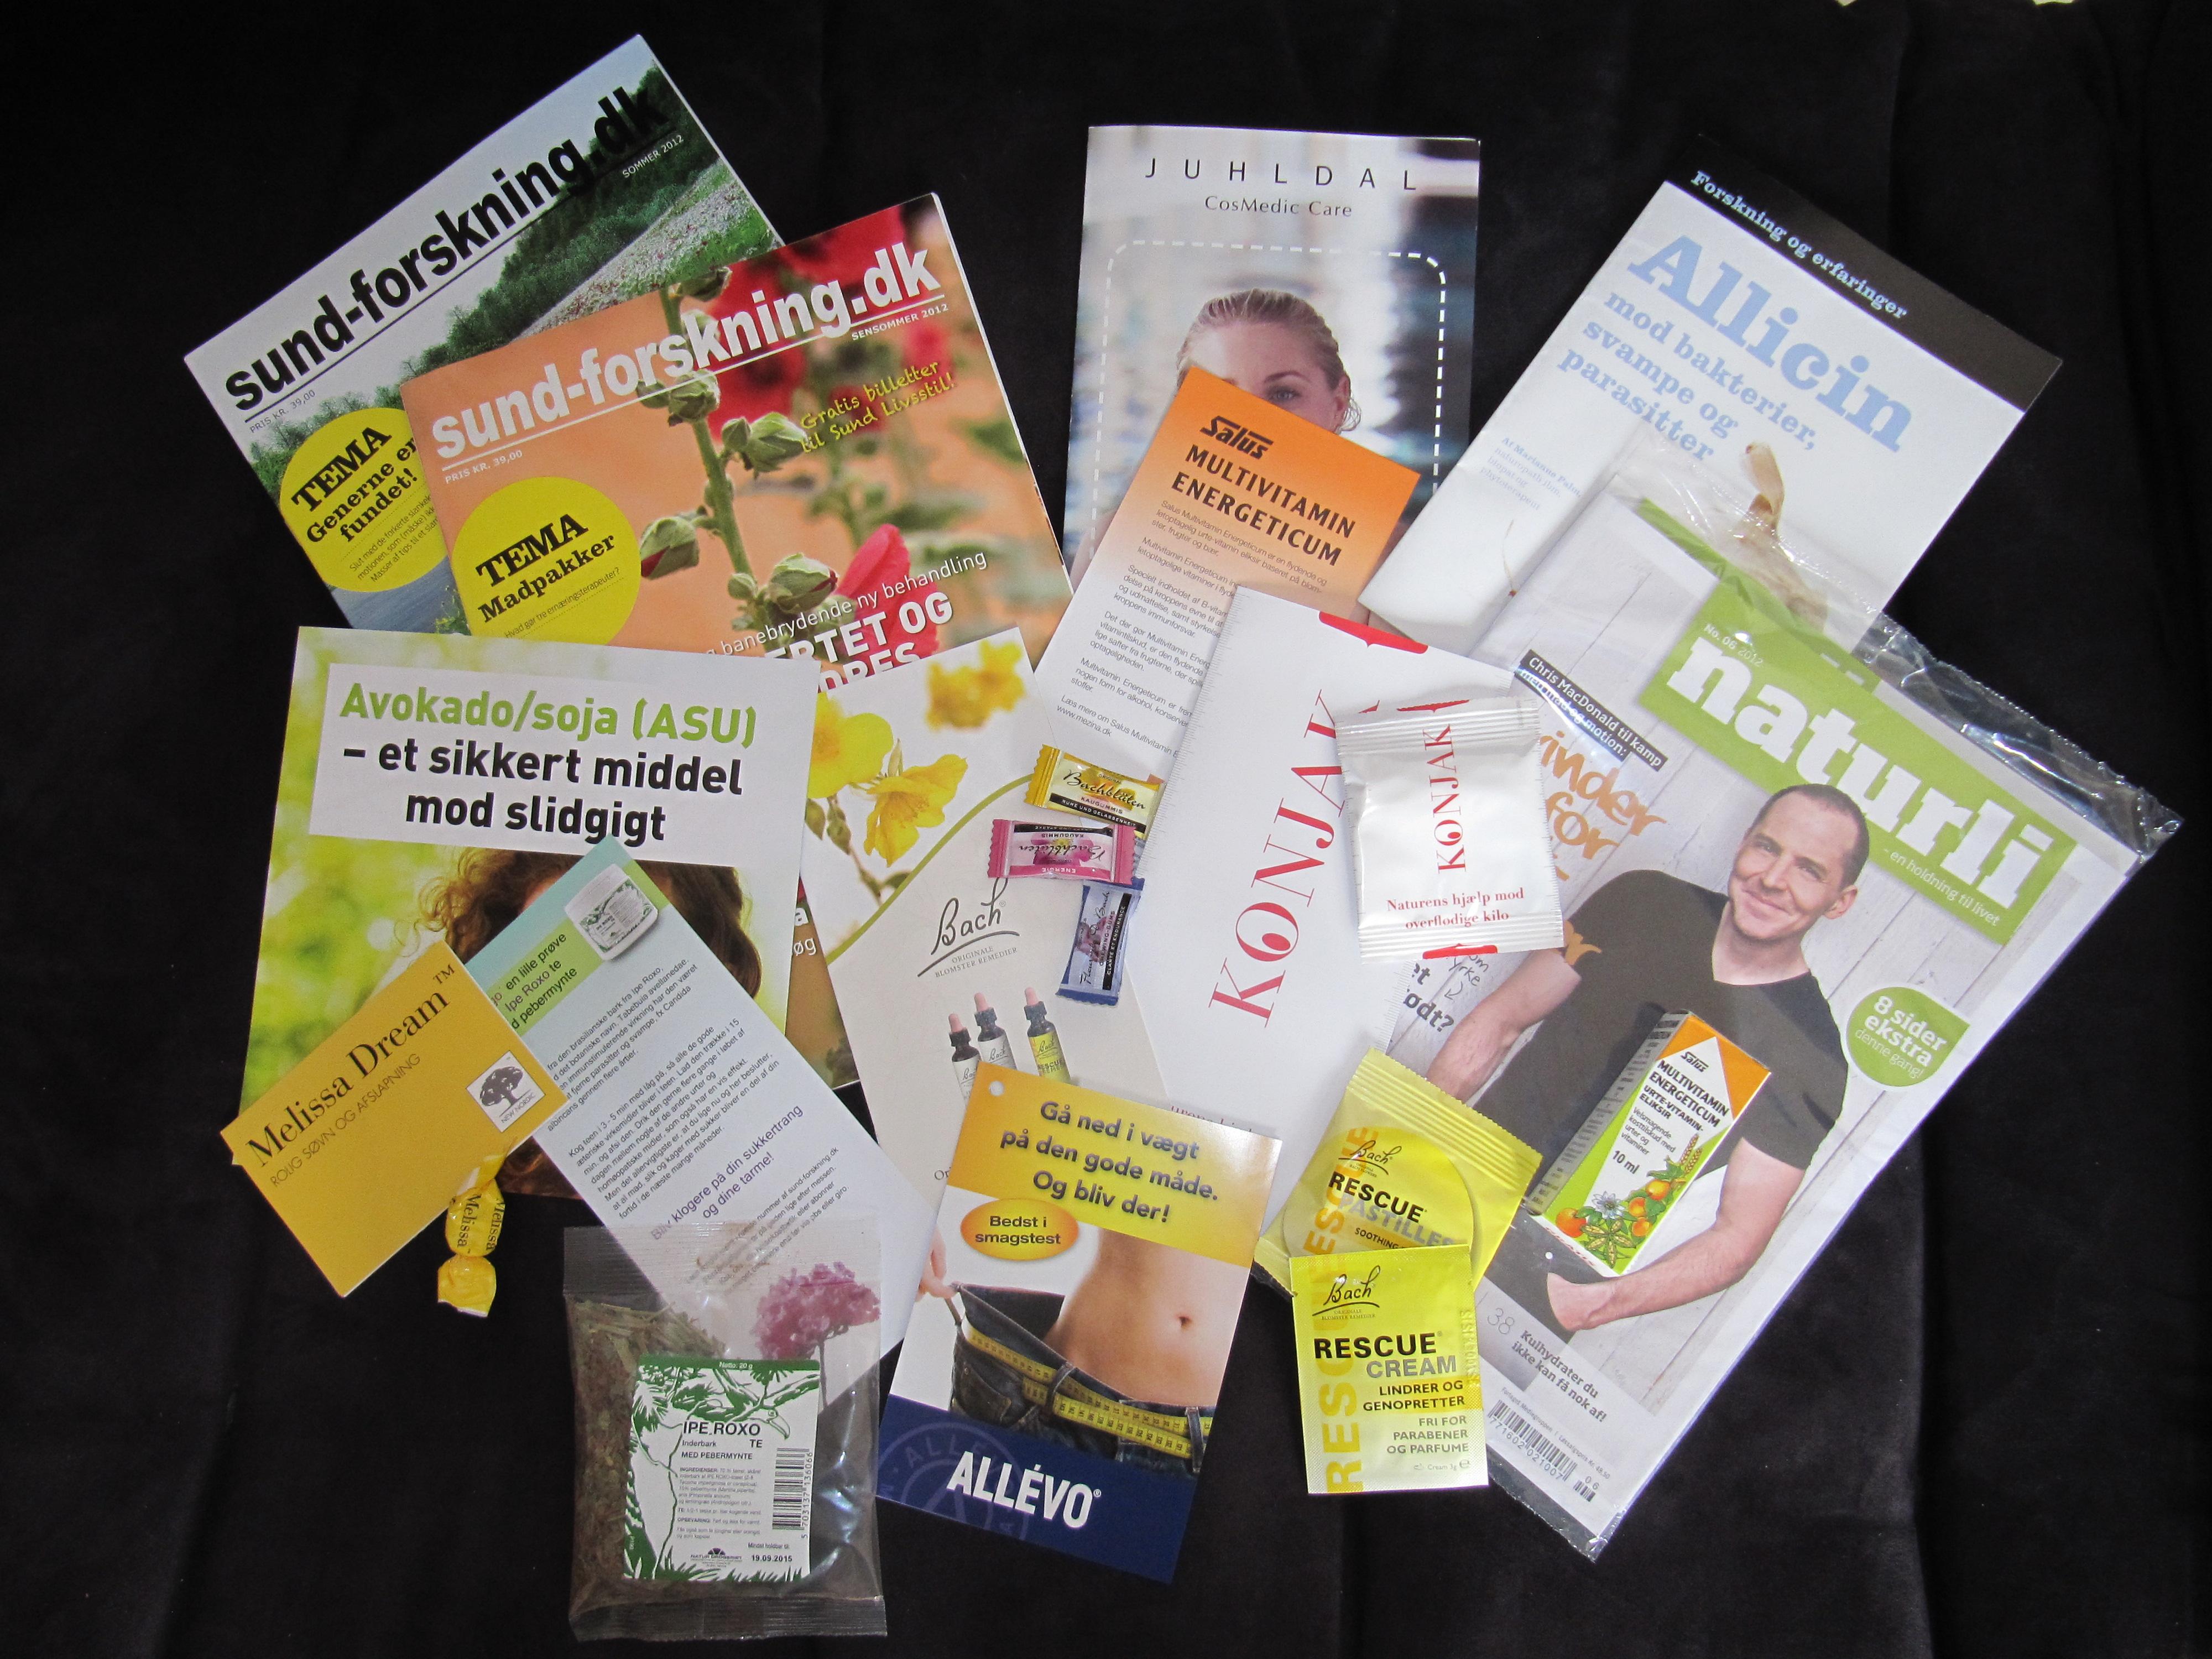 Indhold af sundheds-goodie-bag